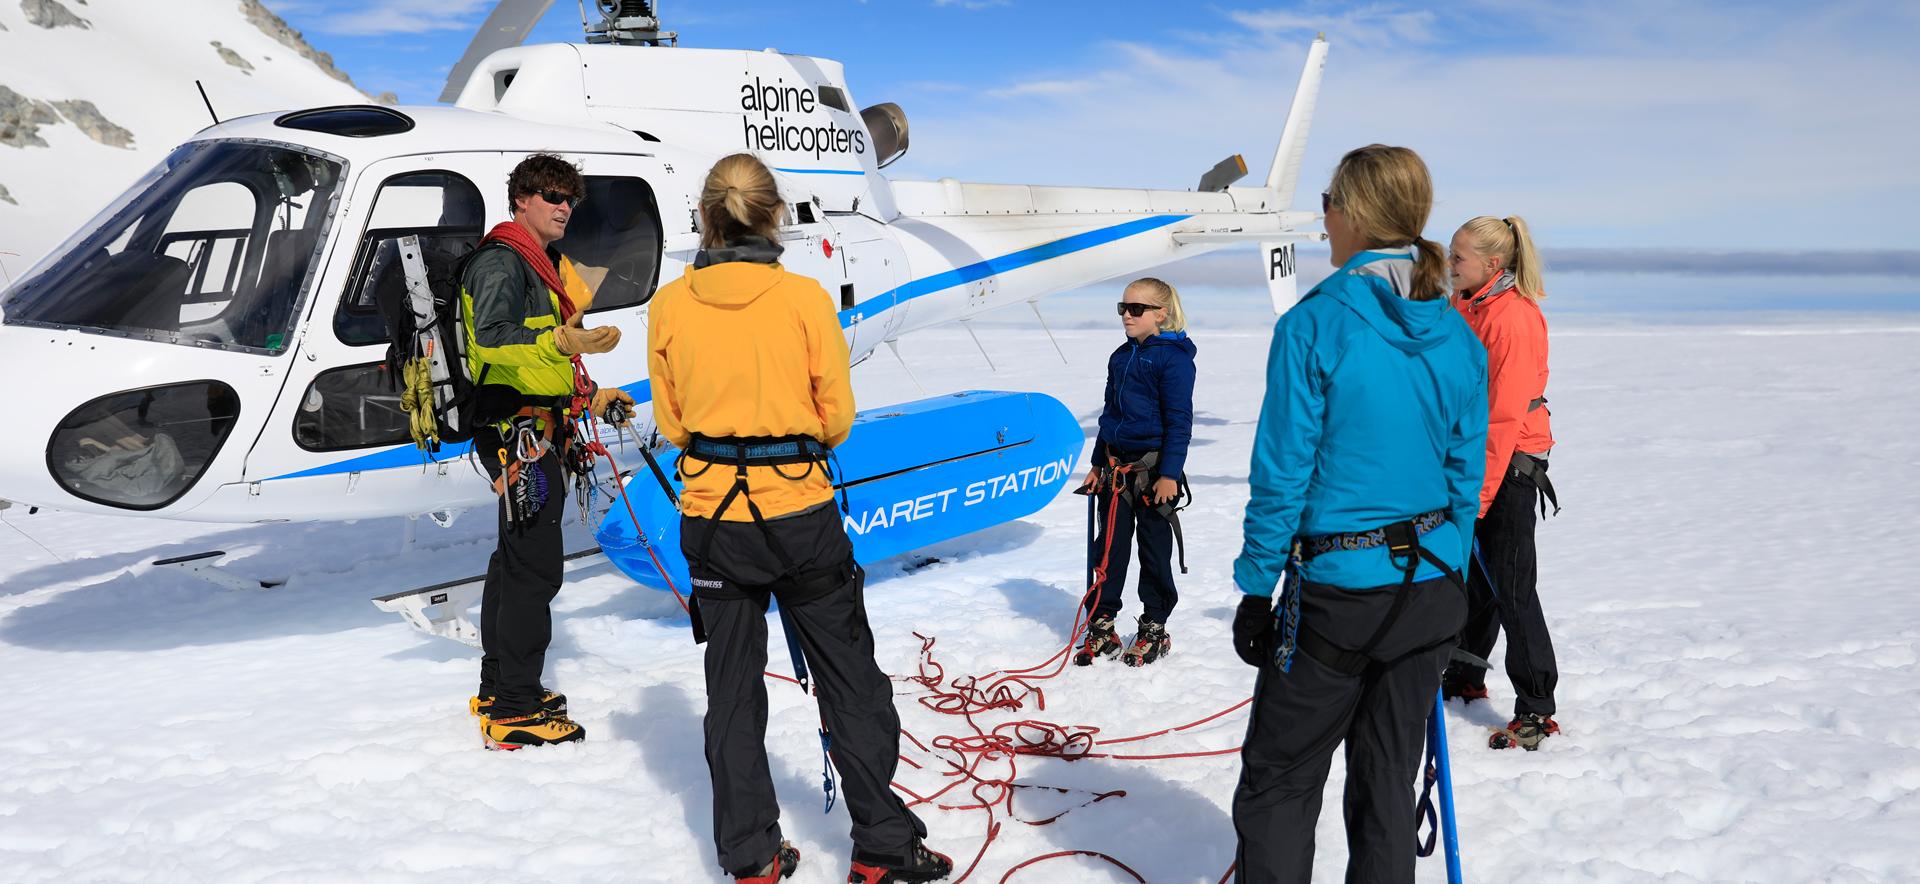 glacierguiding